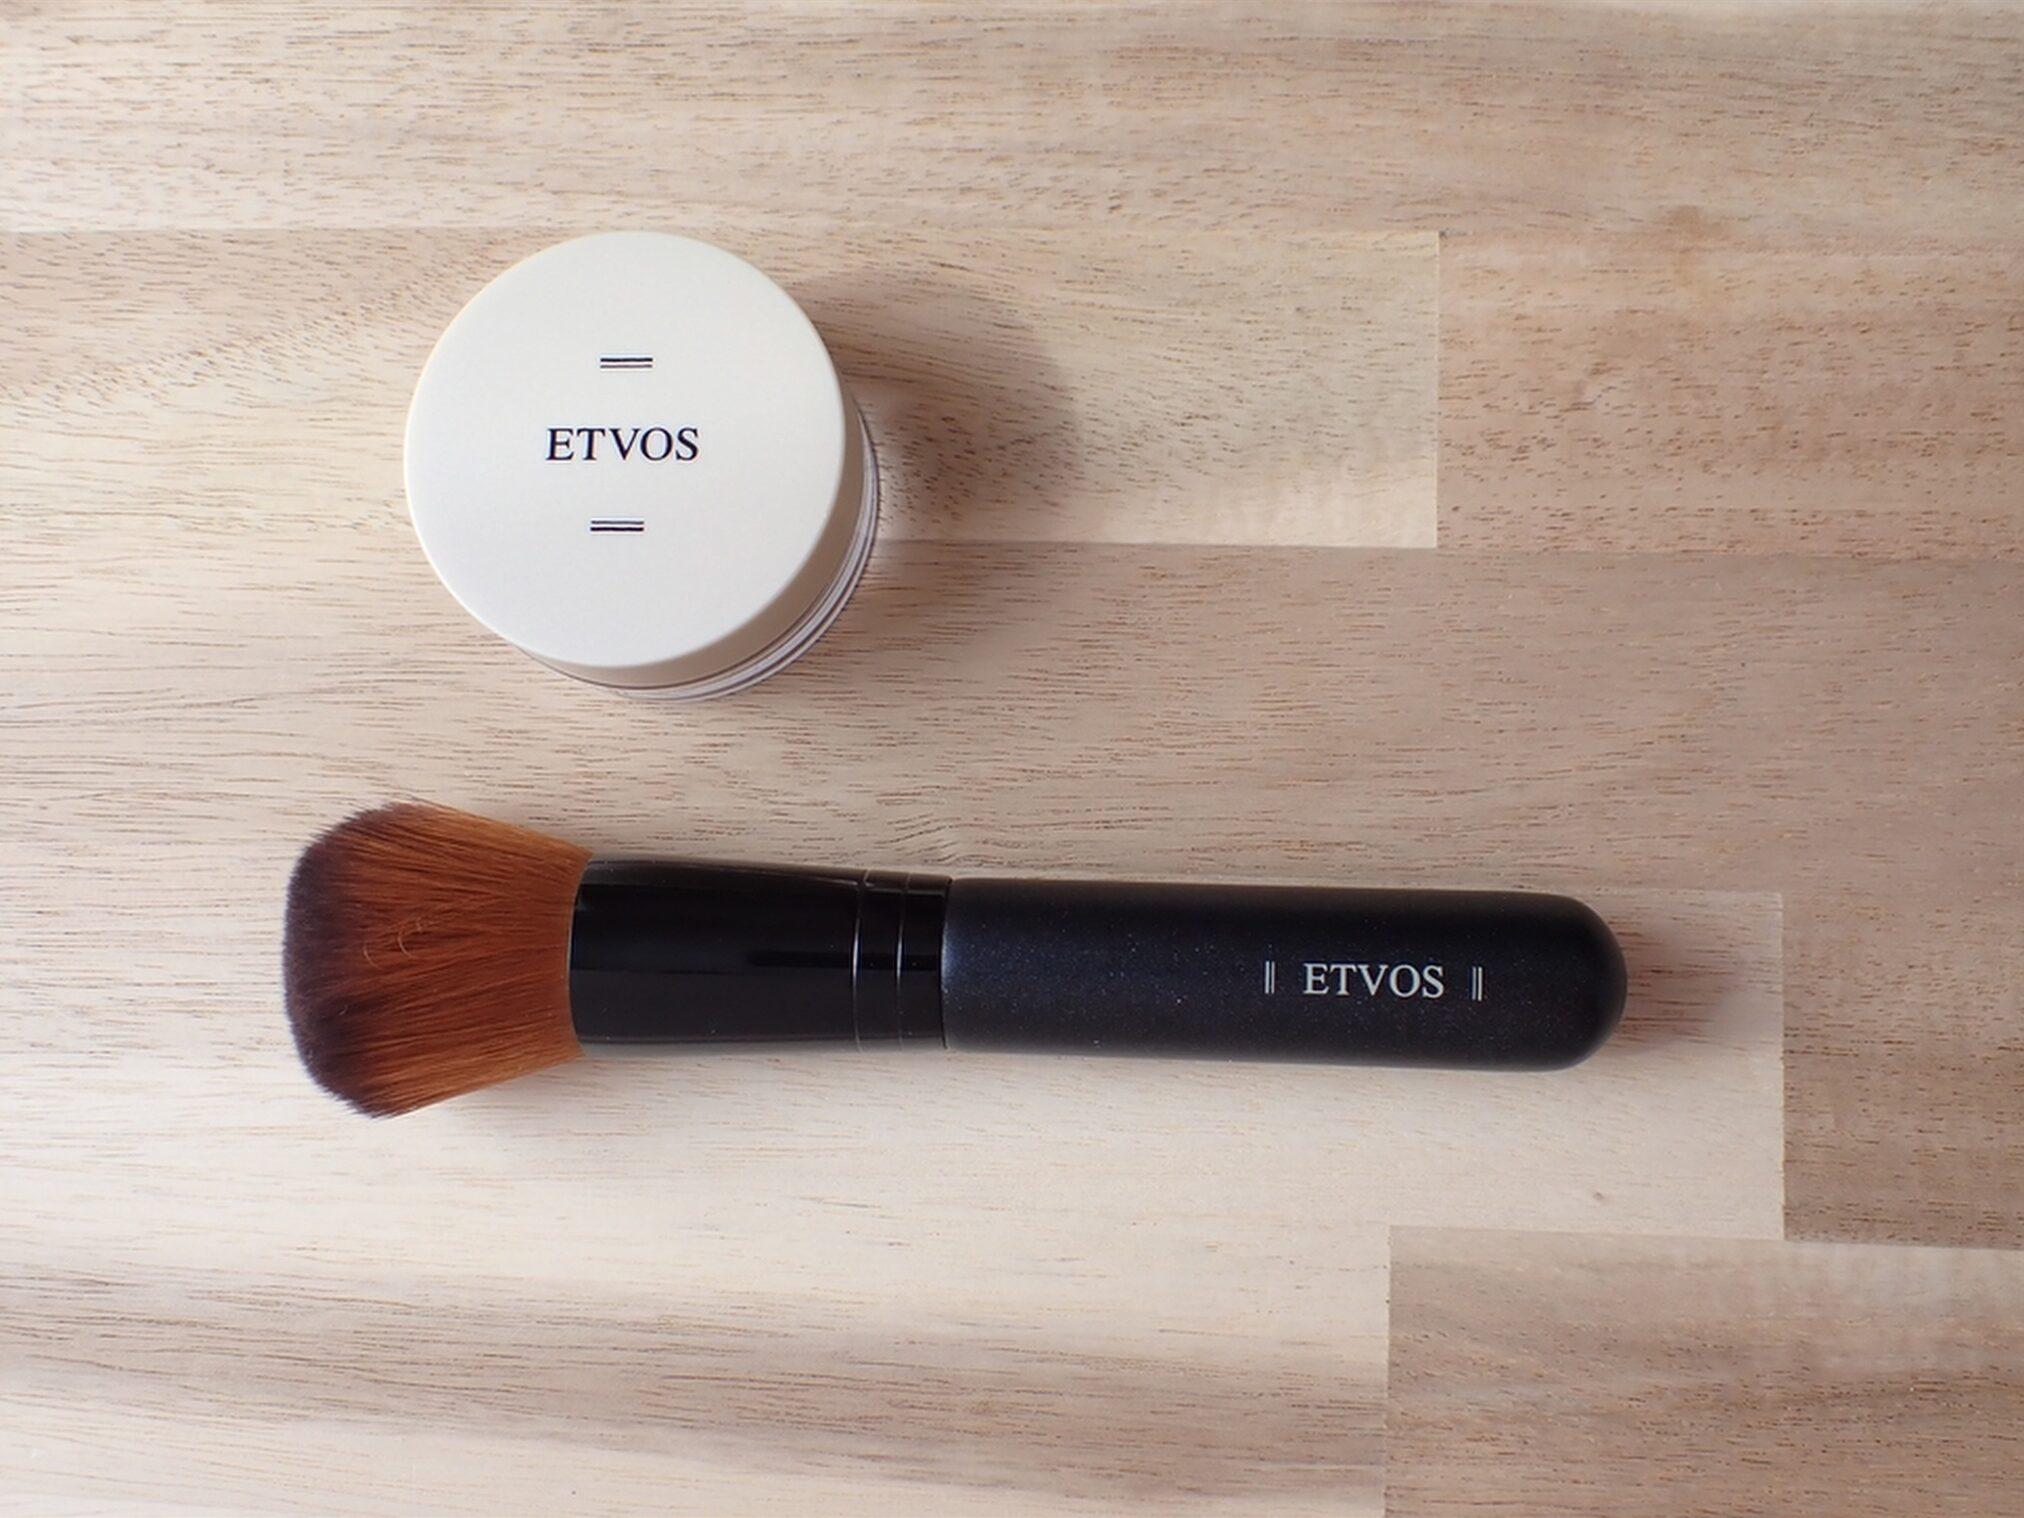 エトヴォス ETVOS パーフェクトキット ナイトミネラルファンデーション 1g フェイスカブキブラシを使って馴染ませます